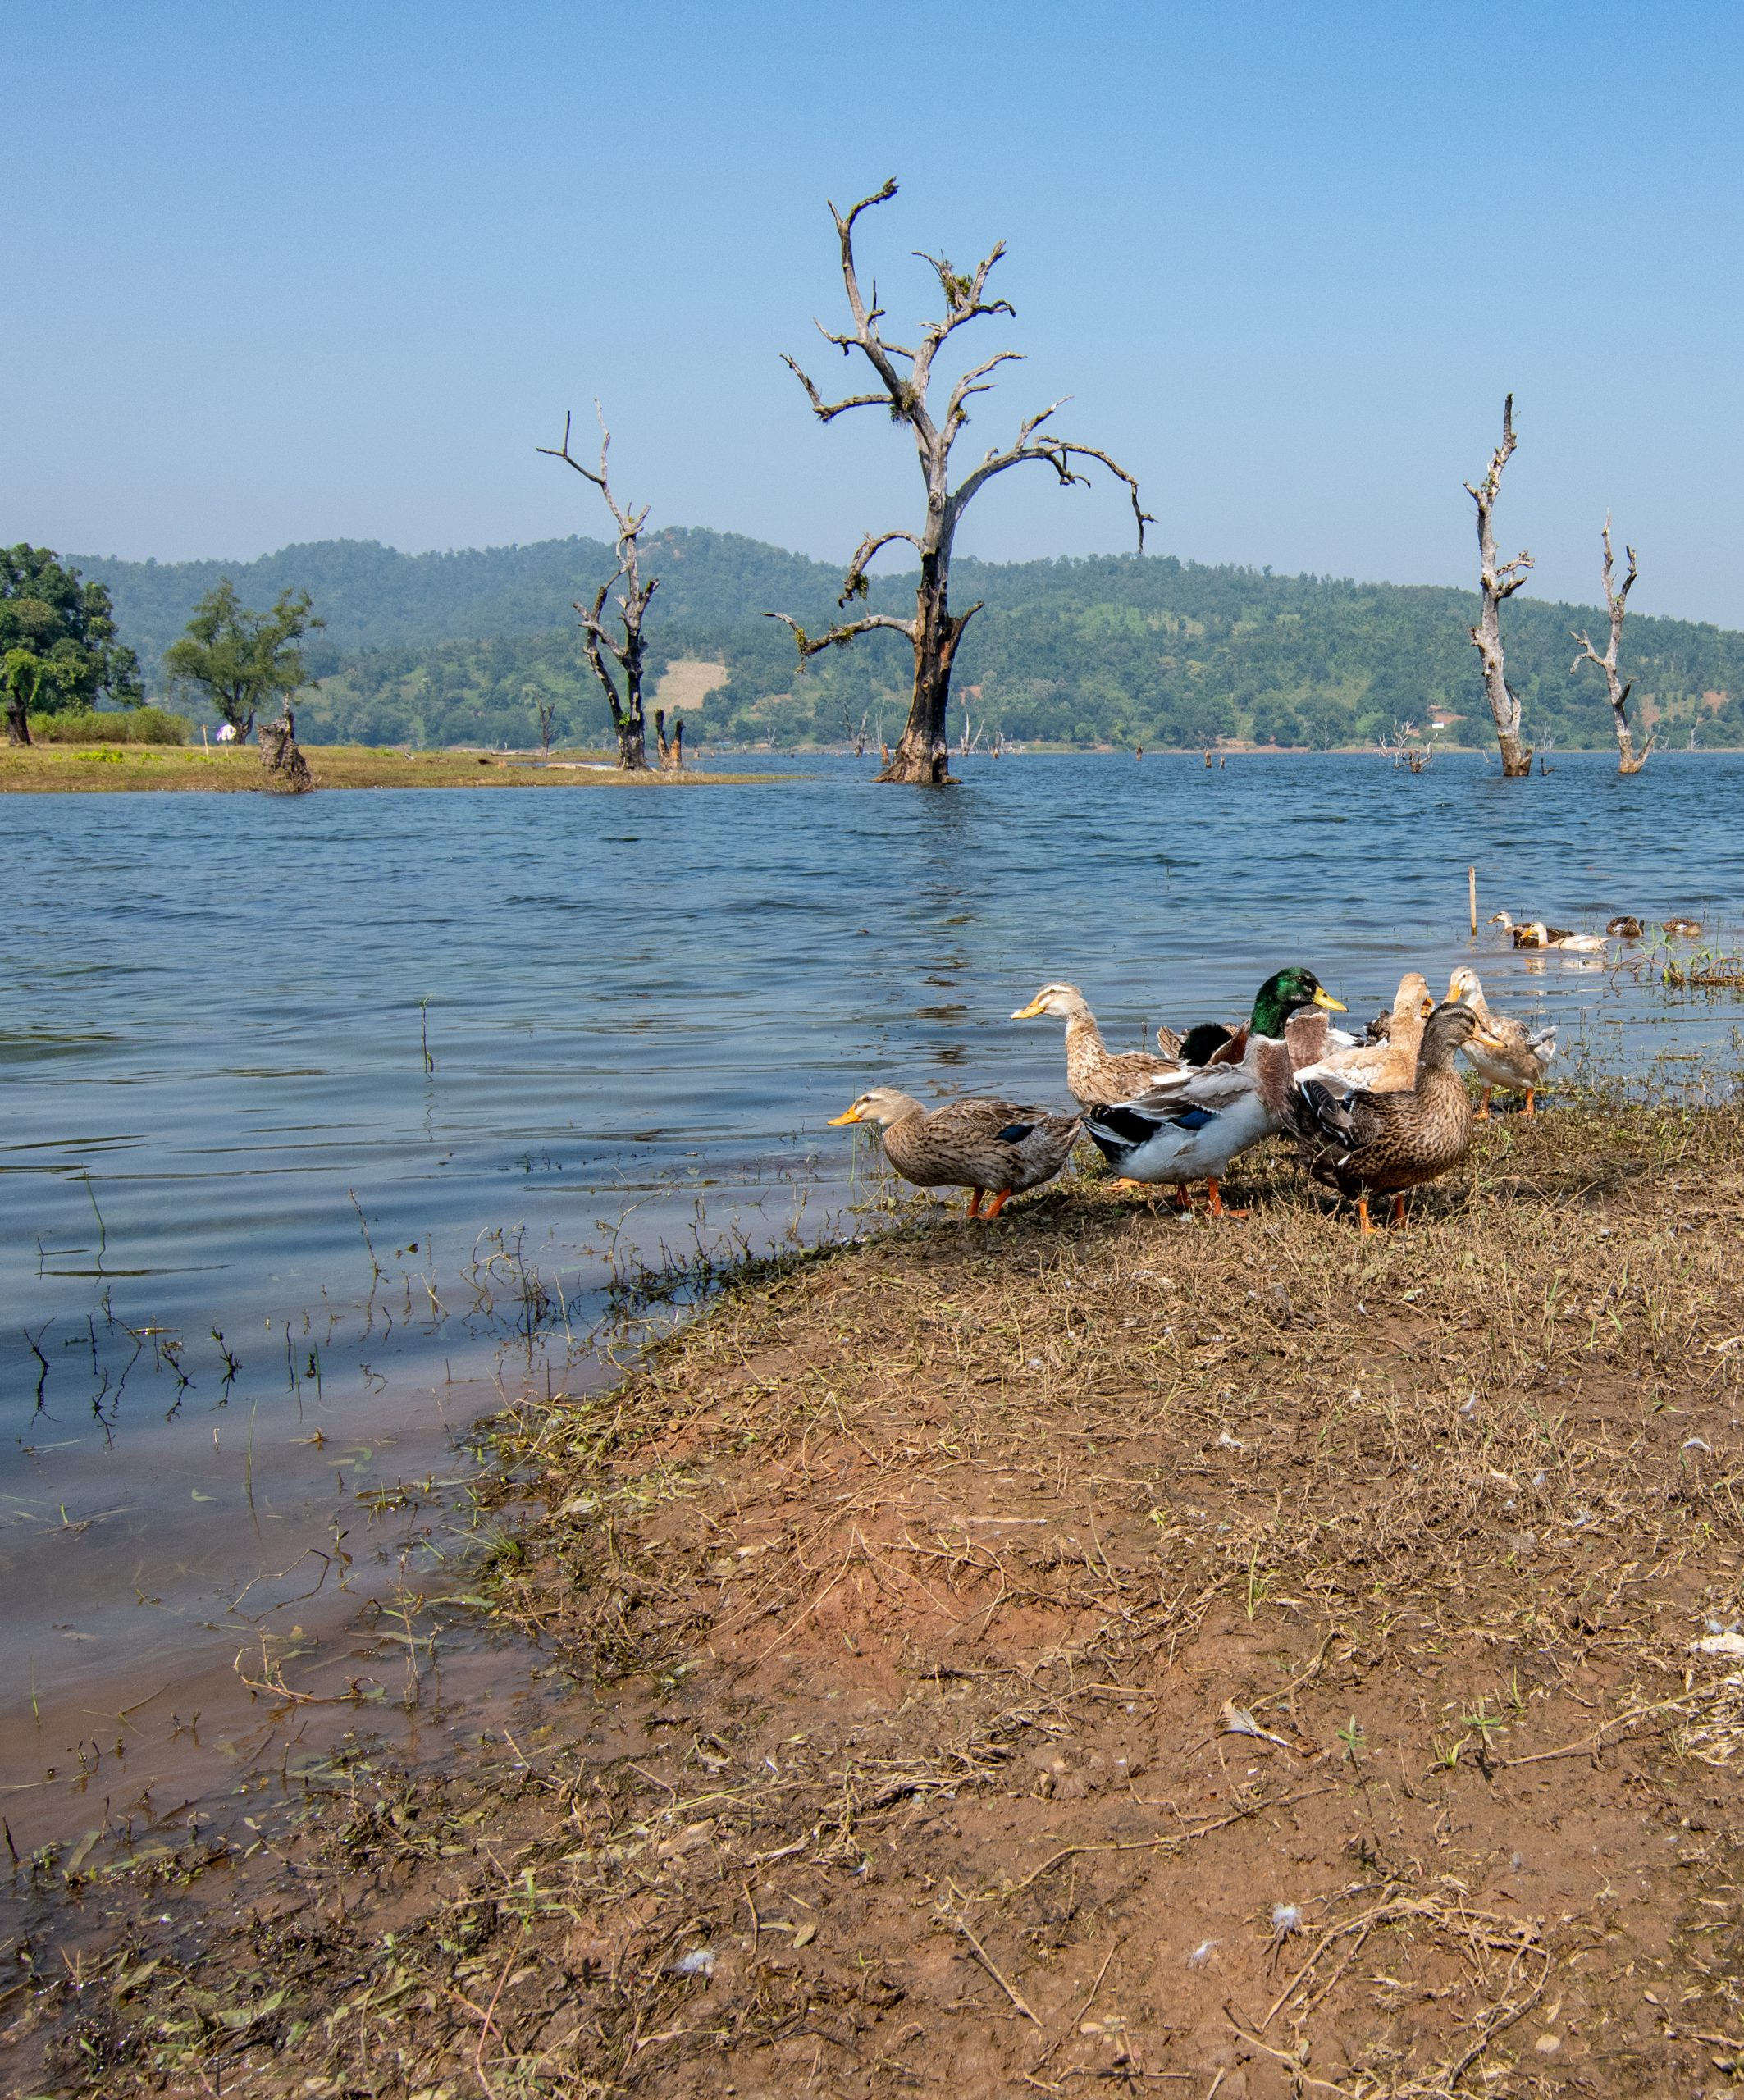 Birds near a lake